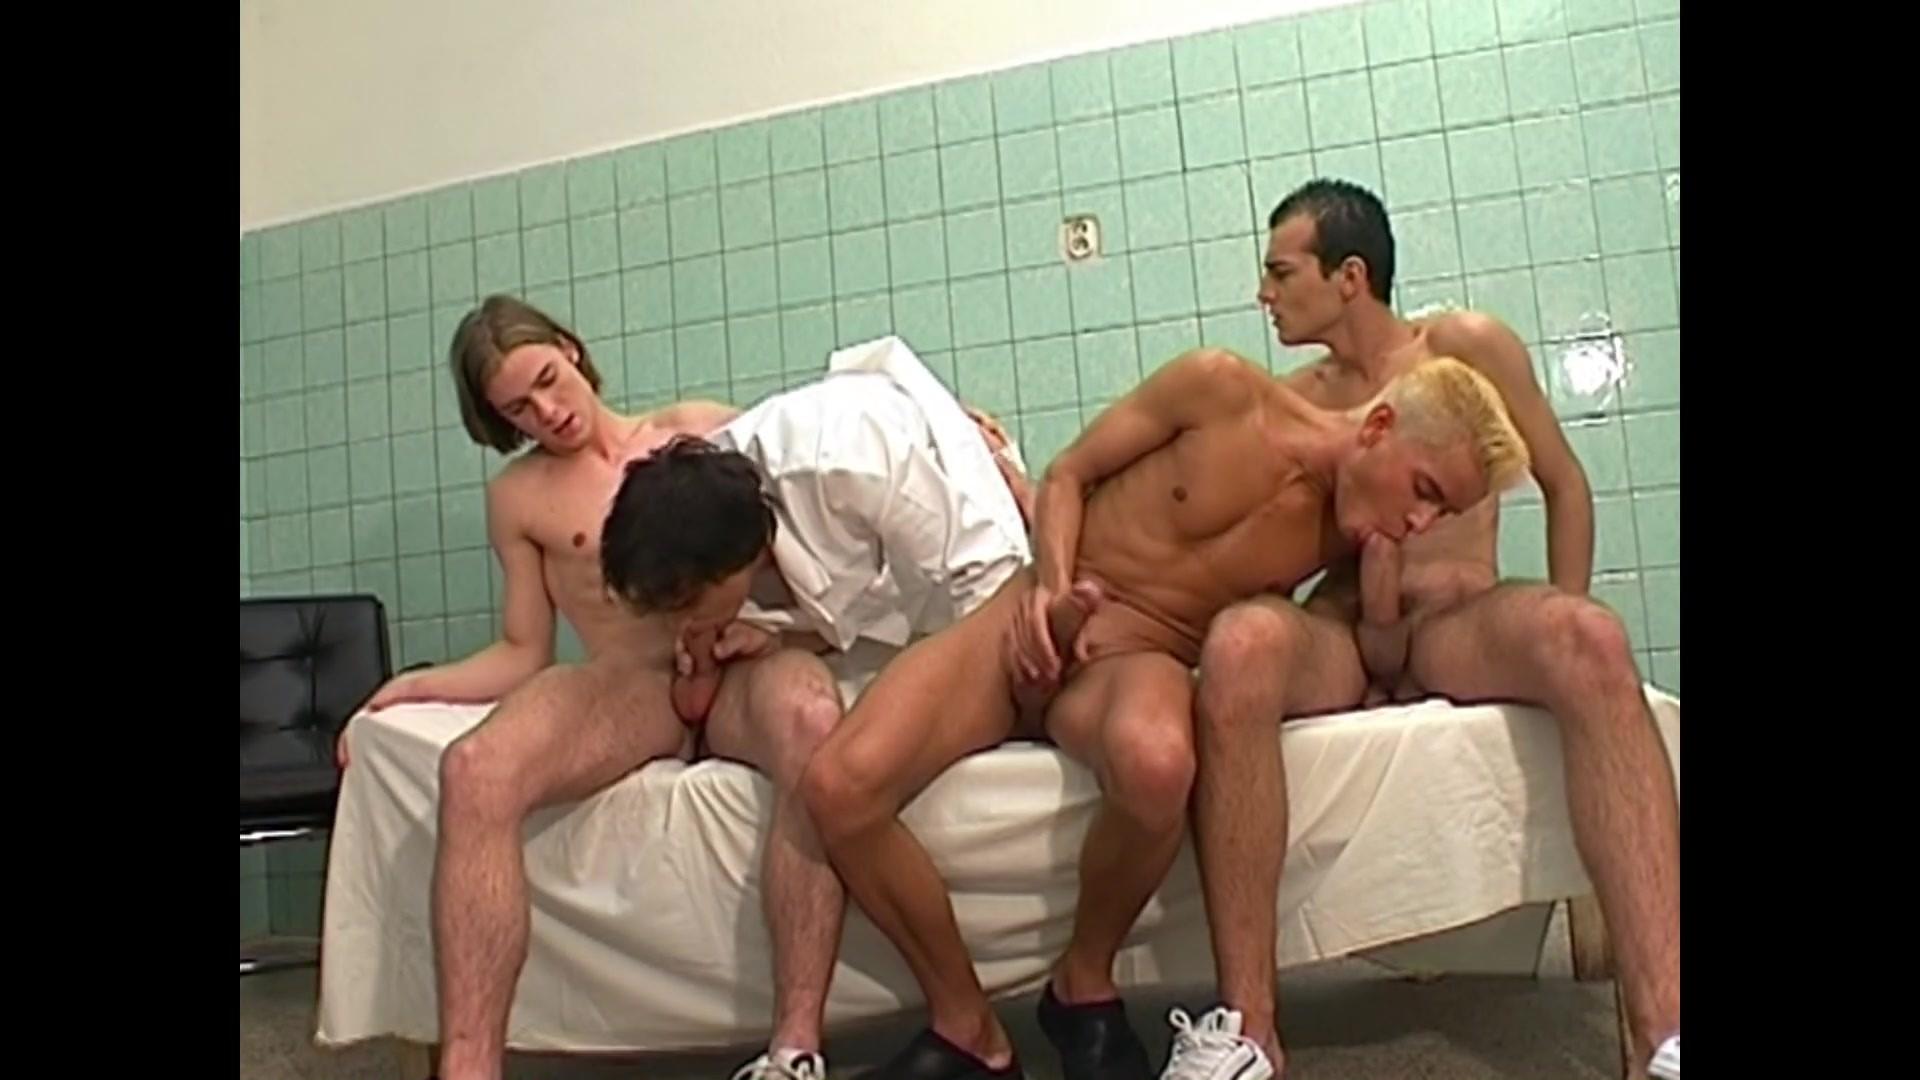 Marek, Vavrinec, Jakub and Beda